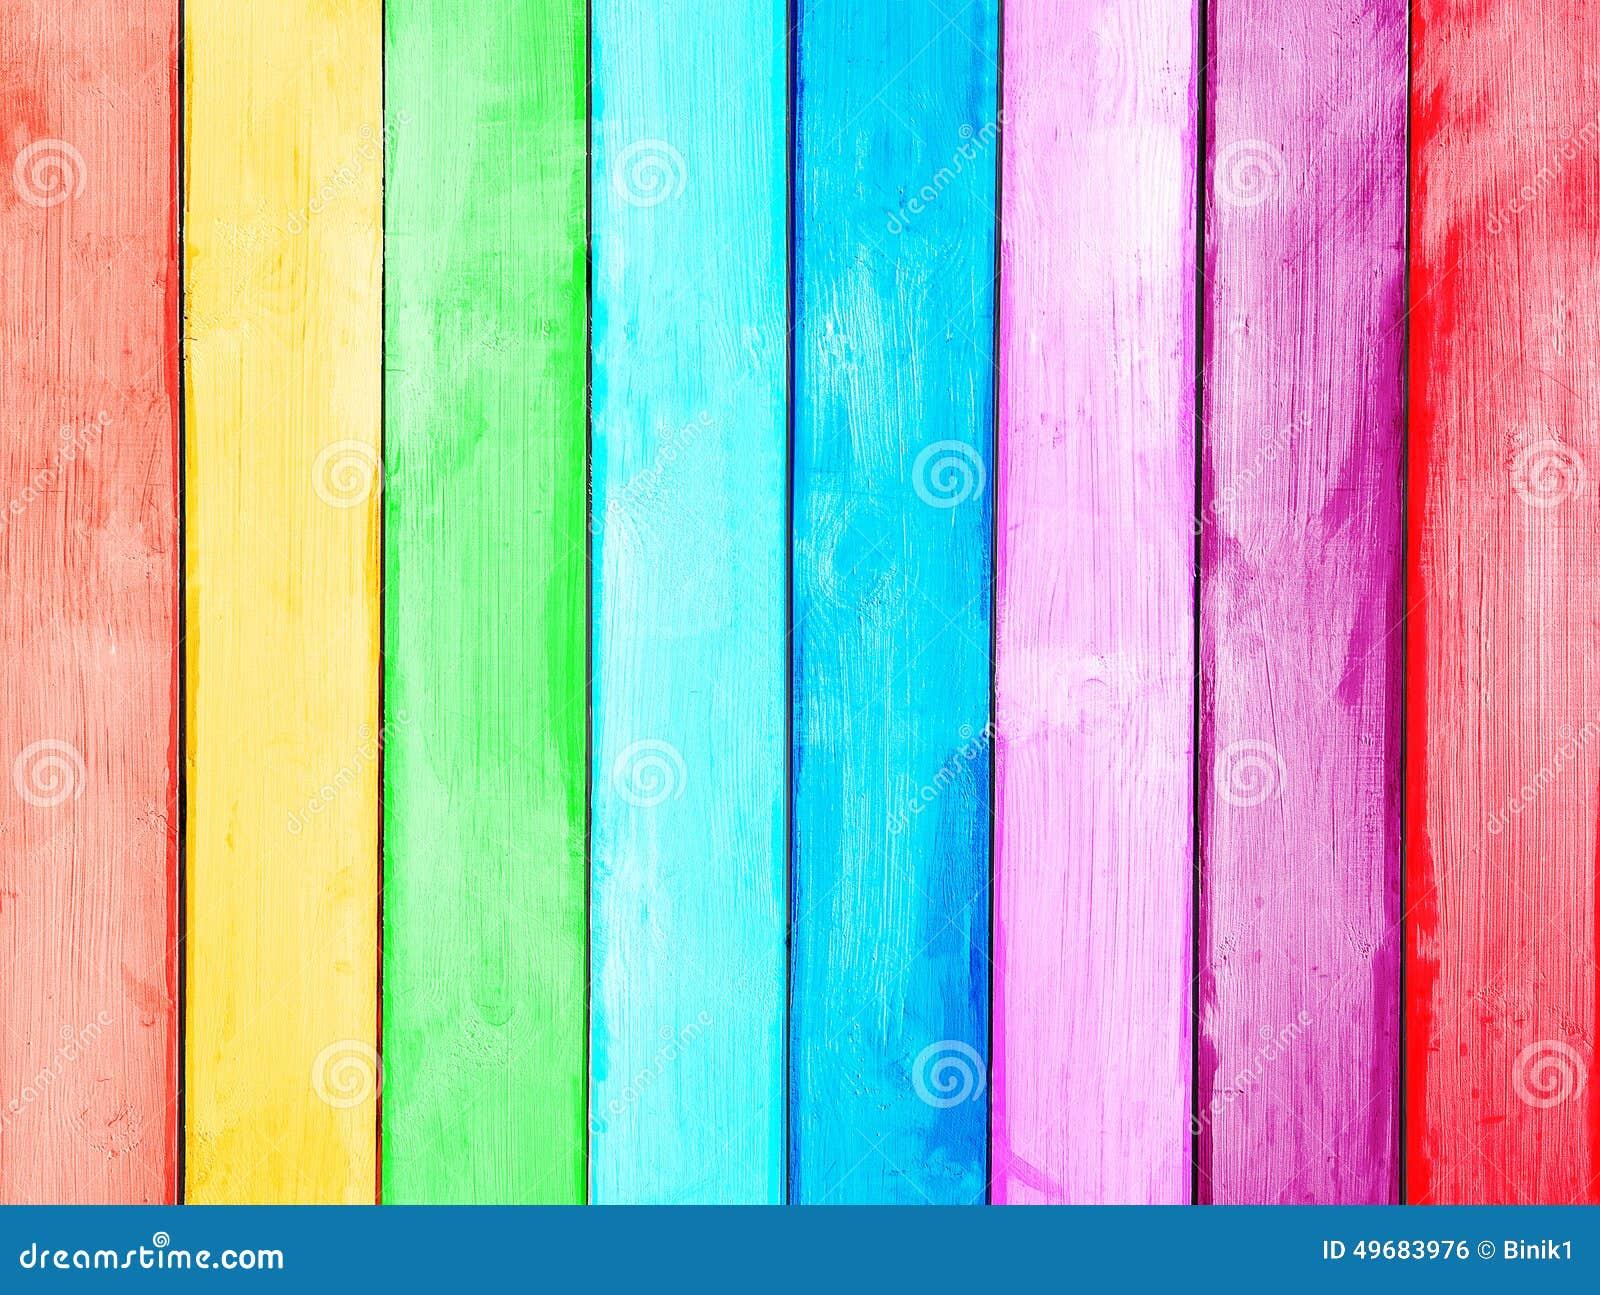 Assi Di Legno Hd : Plancia di legno colorata dipinta fotografia stock immagine di